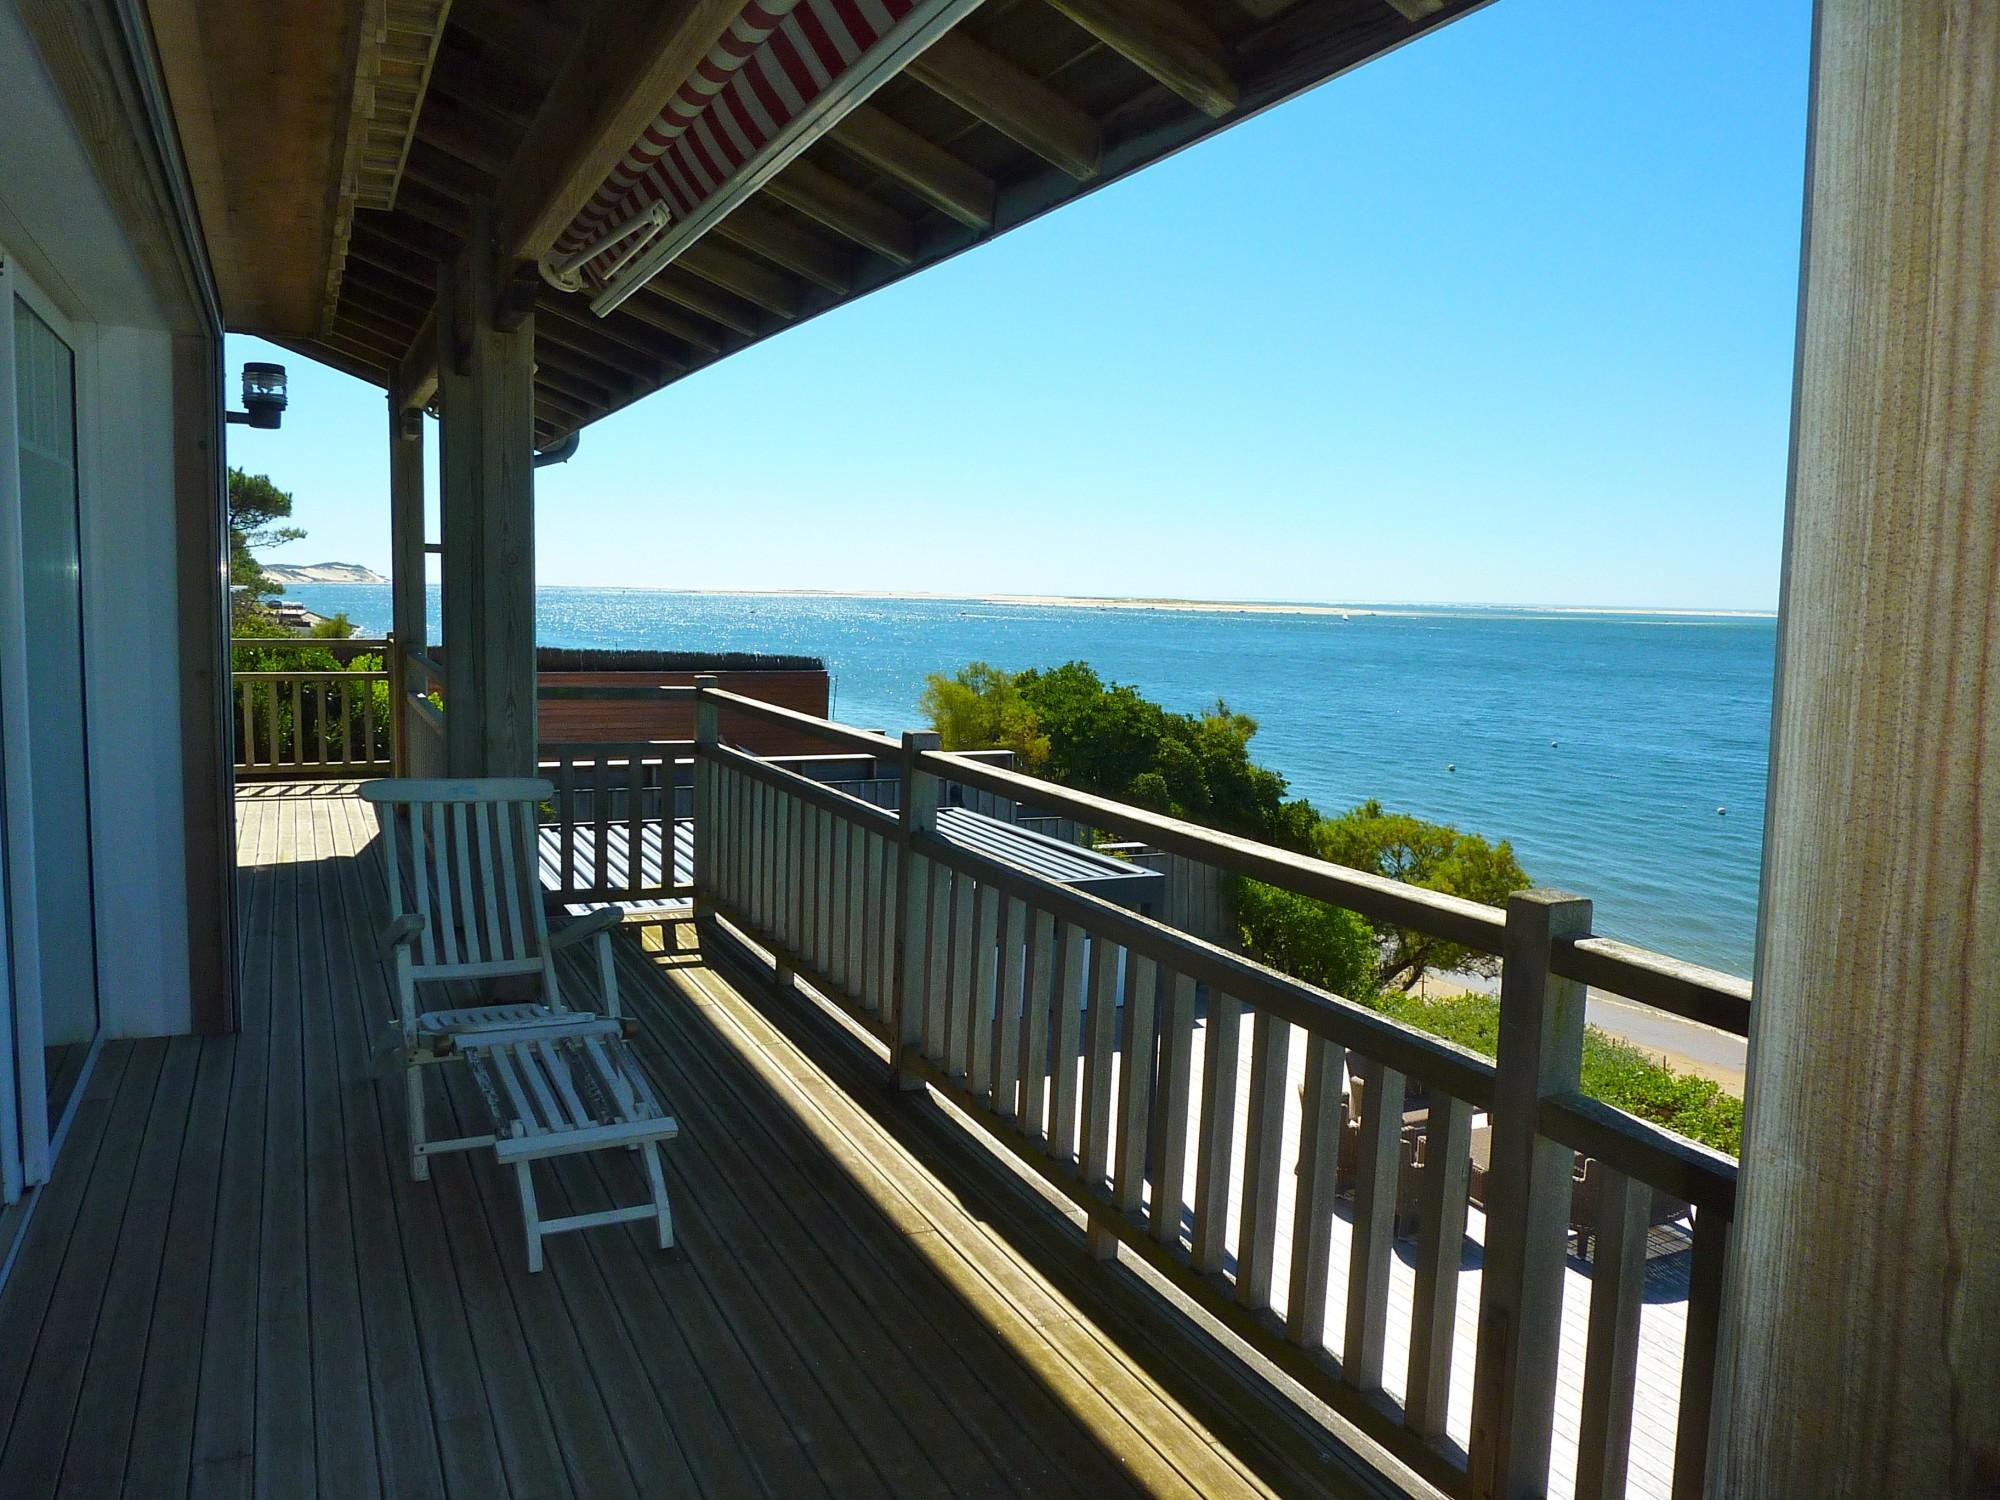 À vendre PYLA SUR MER belle villa en première ligne, piscine, terrasses en IPÉ, 5 suites, accès direct à la mer